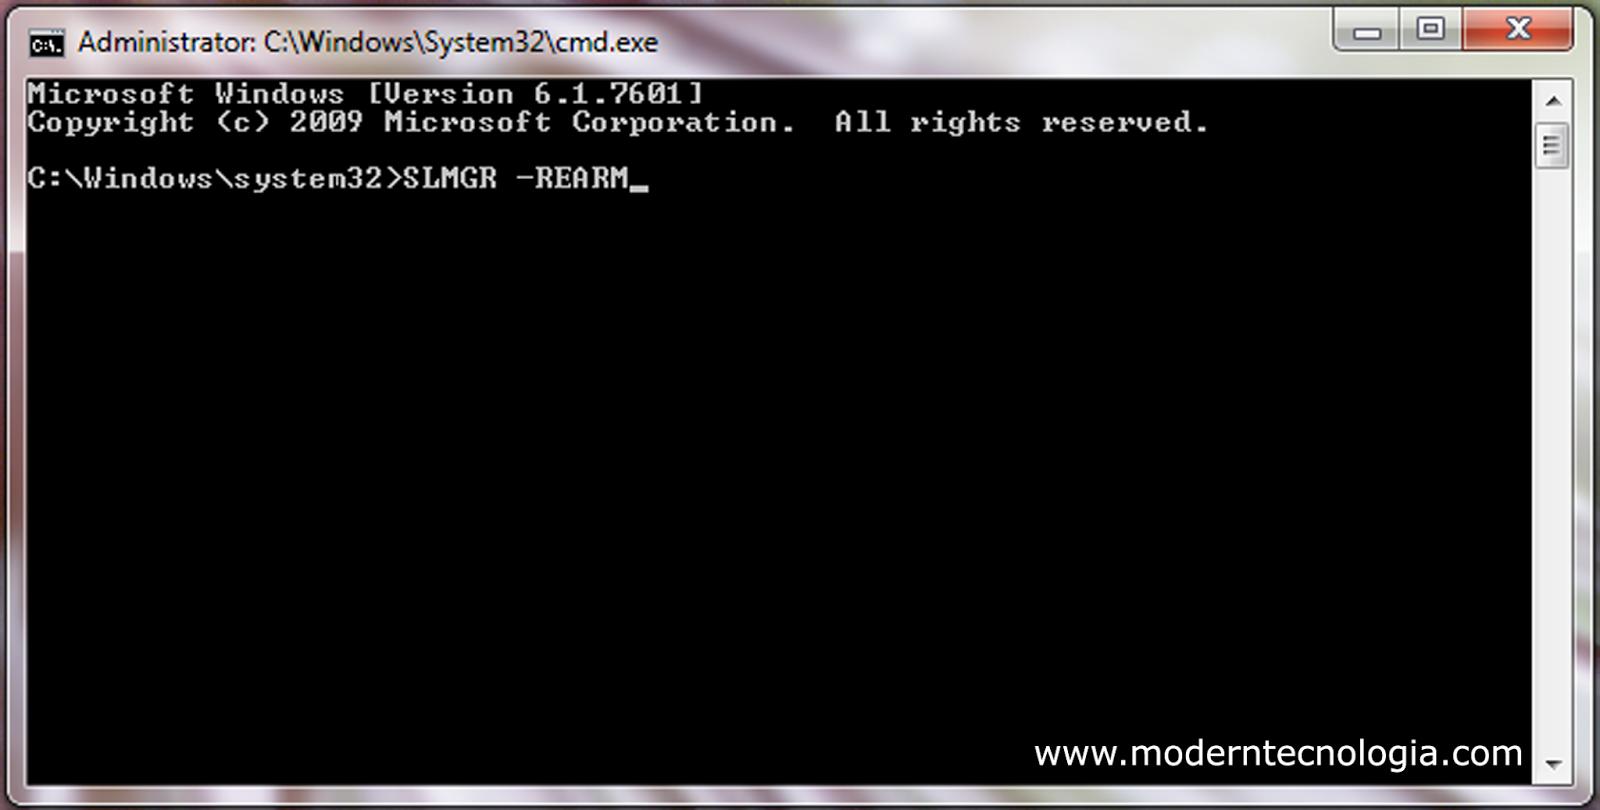 Как сделать загрузочную флешку windows 7 с помощью командной строки